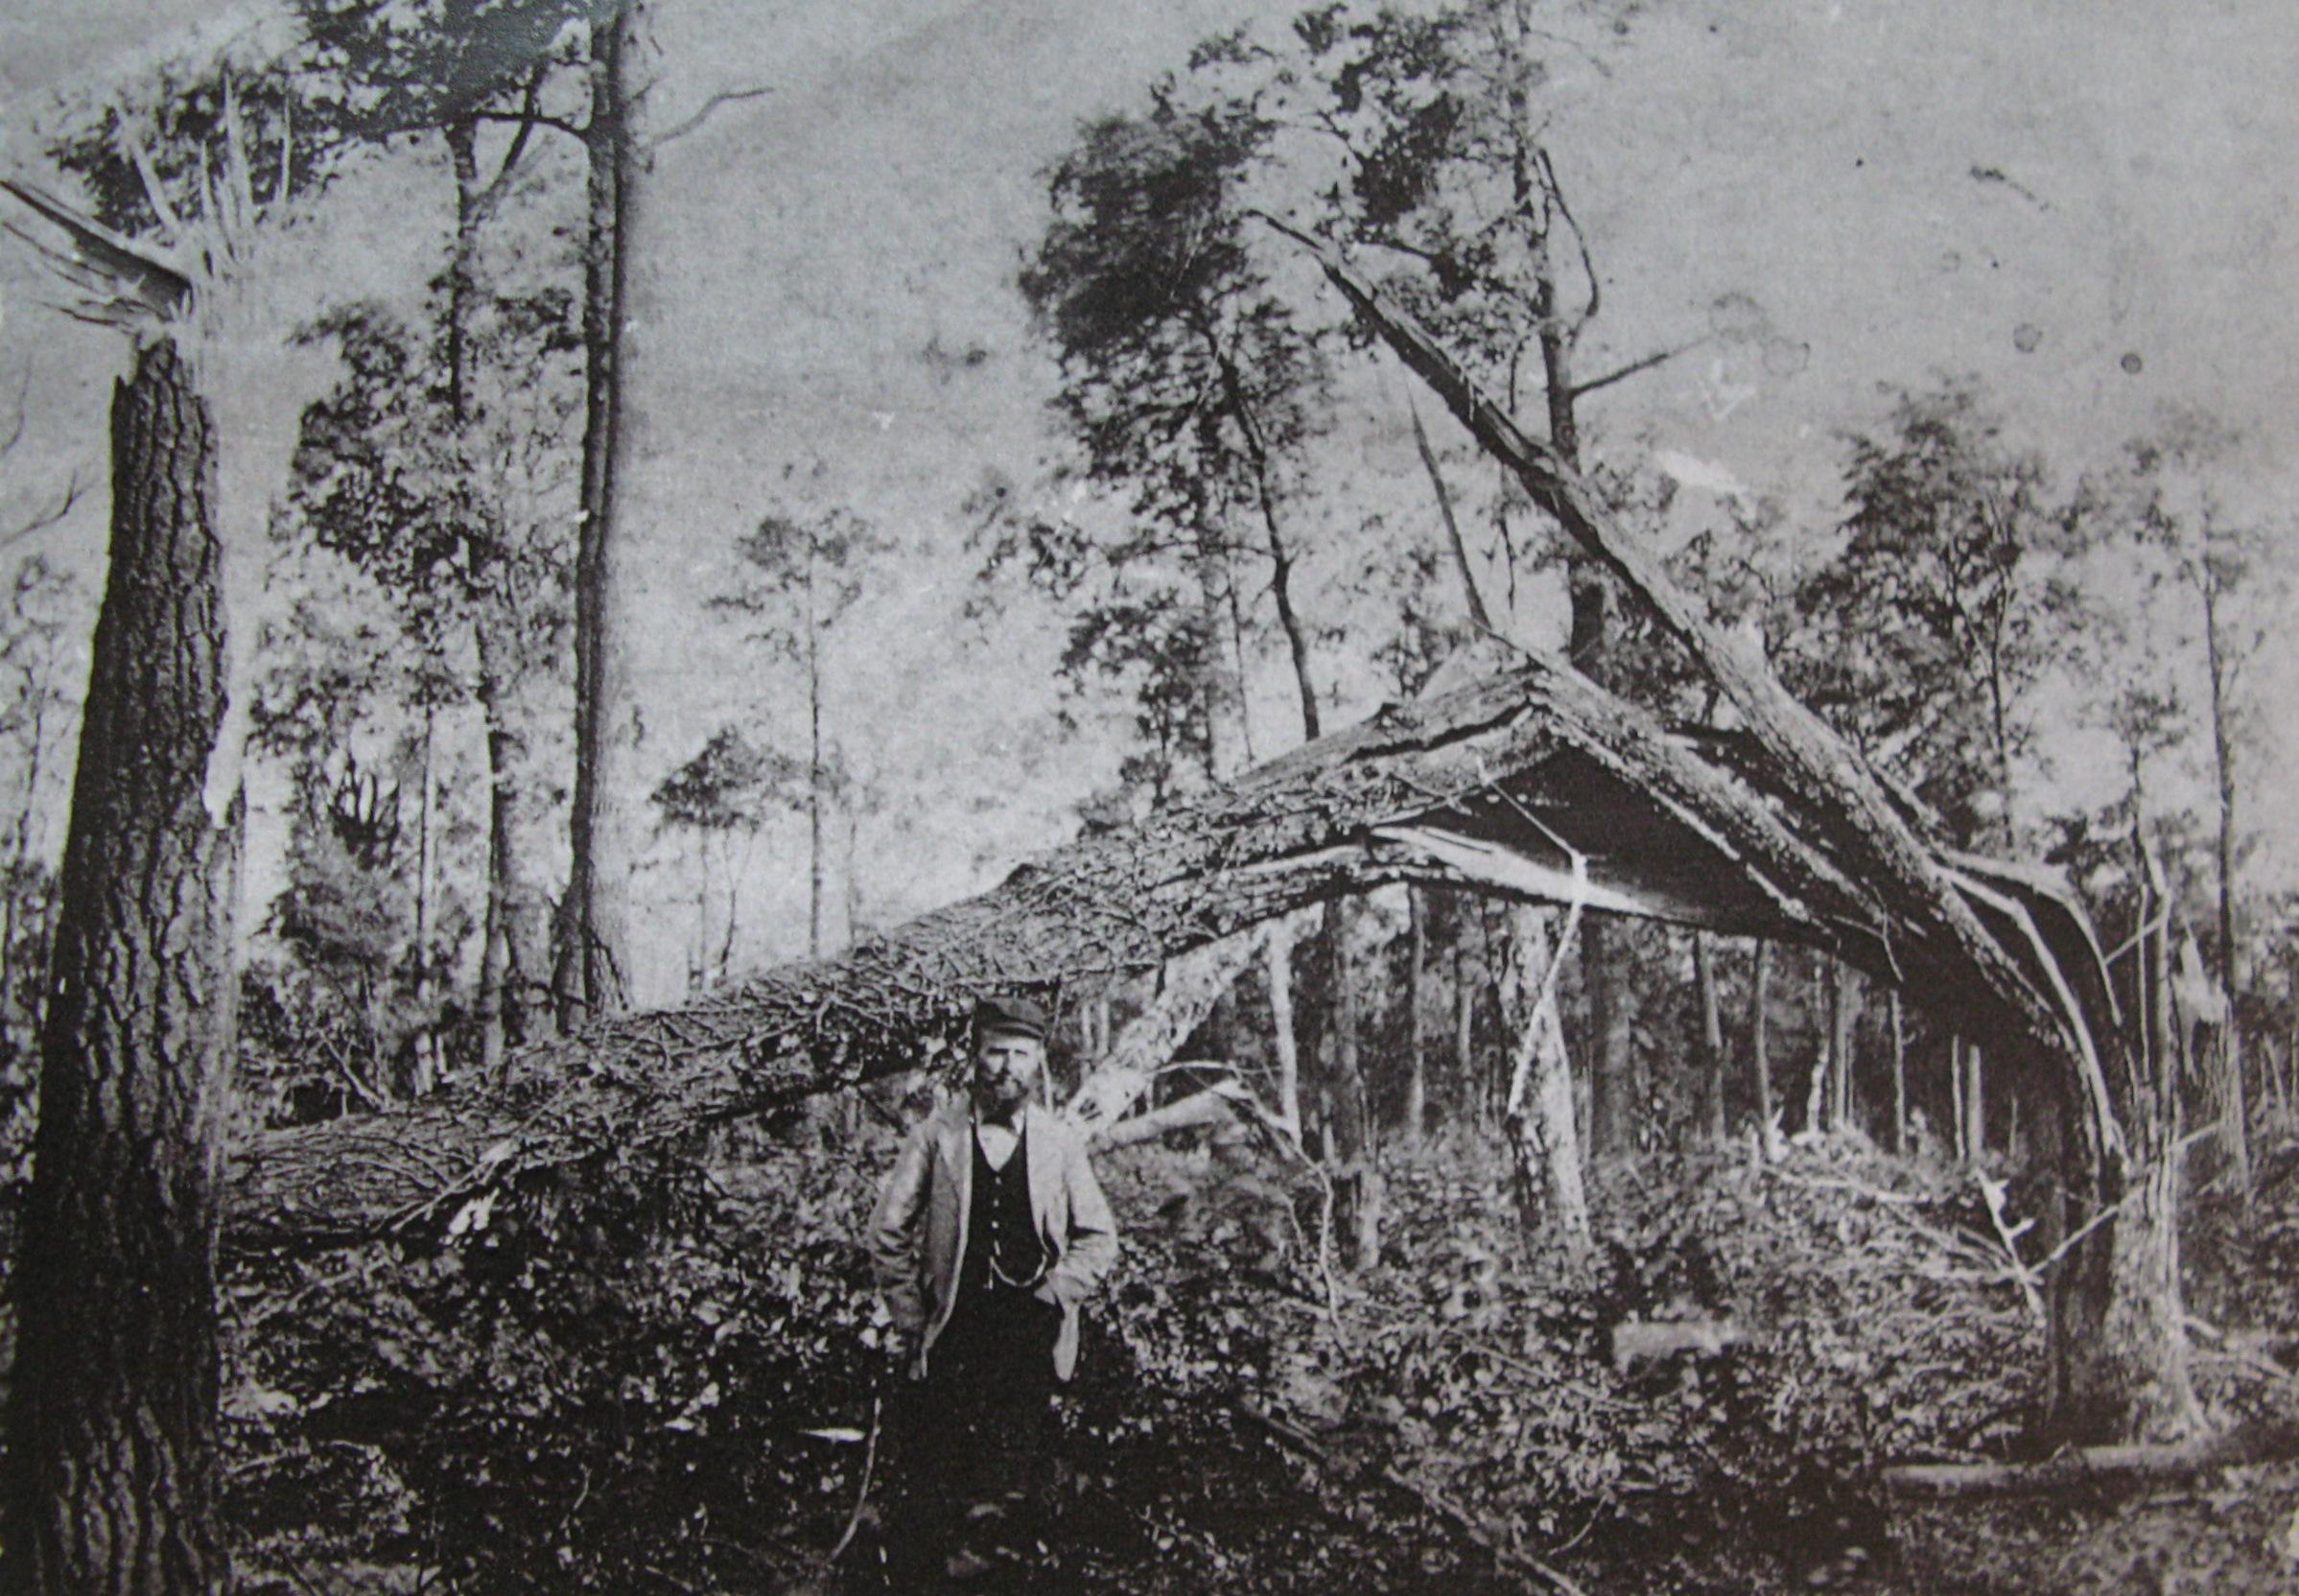 Cyclone de 1895 Bois La Haut Collection Cercle d'Histoire de Rixensart